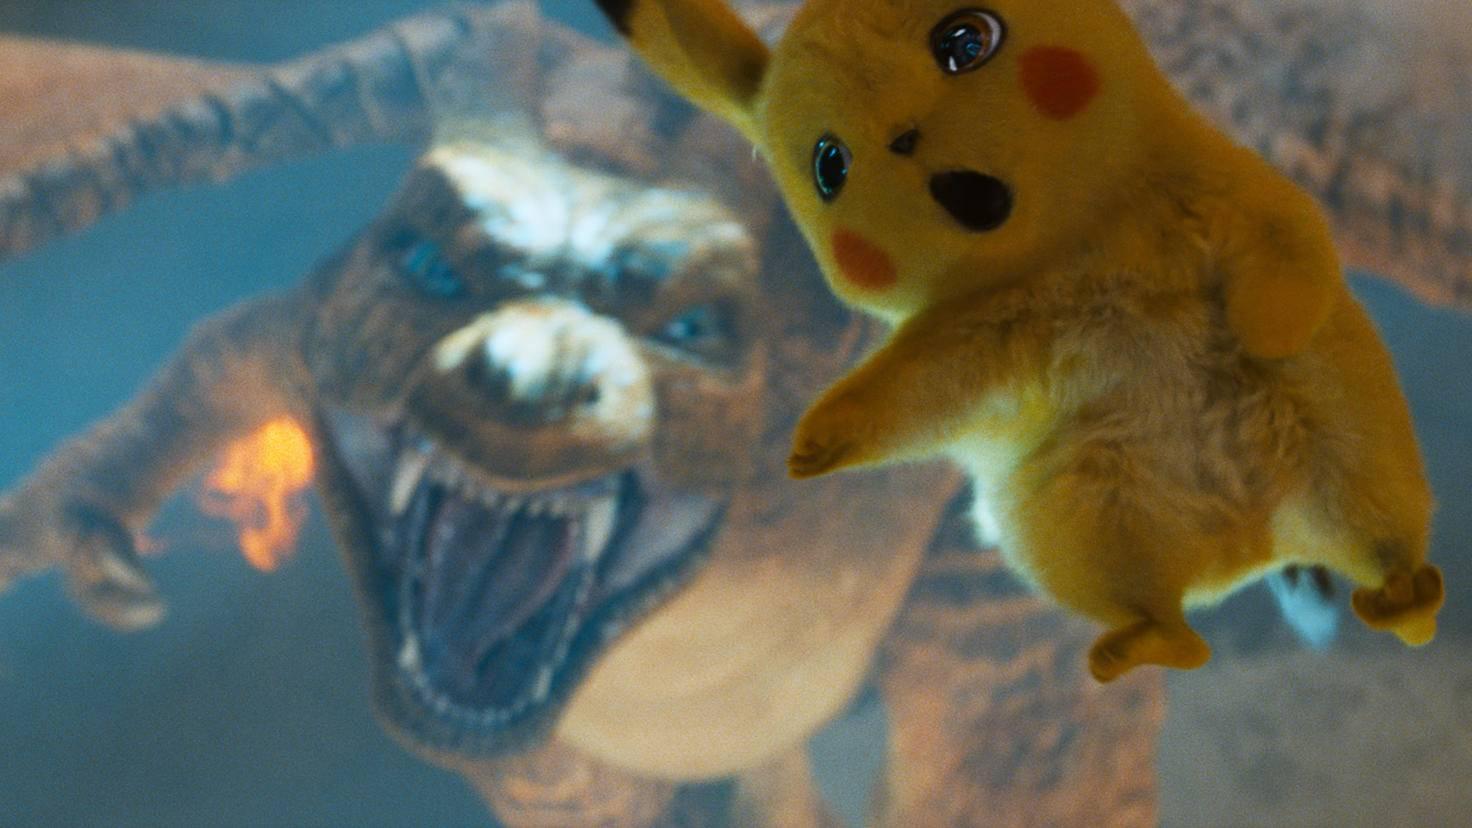 Glurak und Pikachu in Pokémon Meisterdetektiv Pikachu